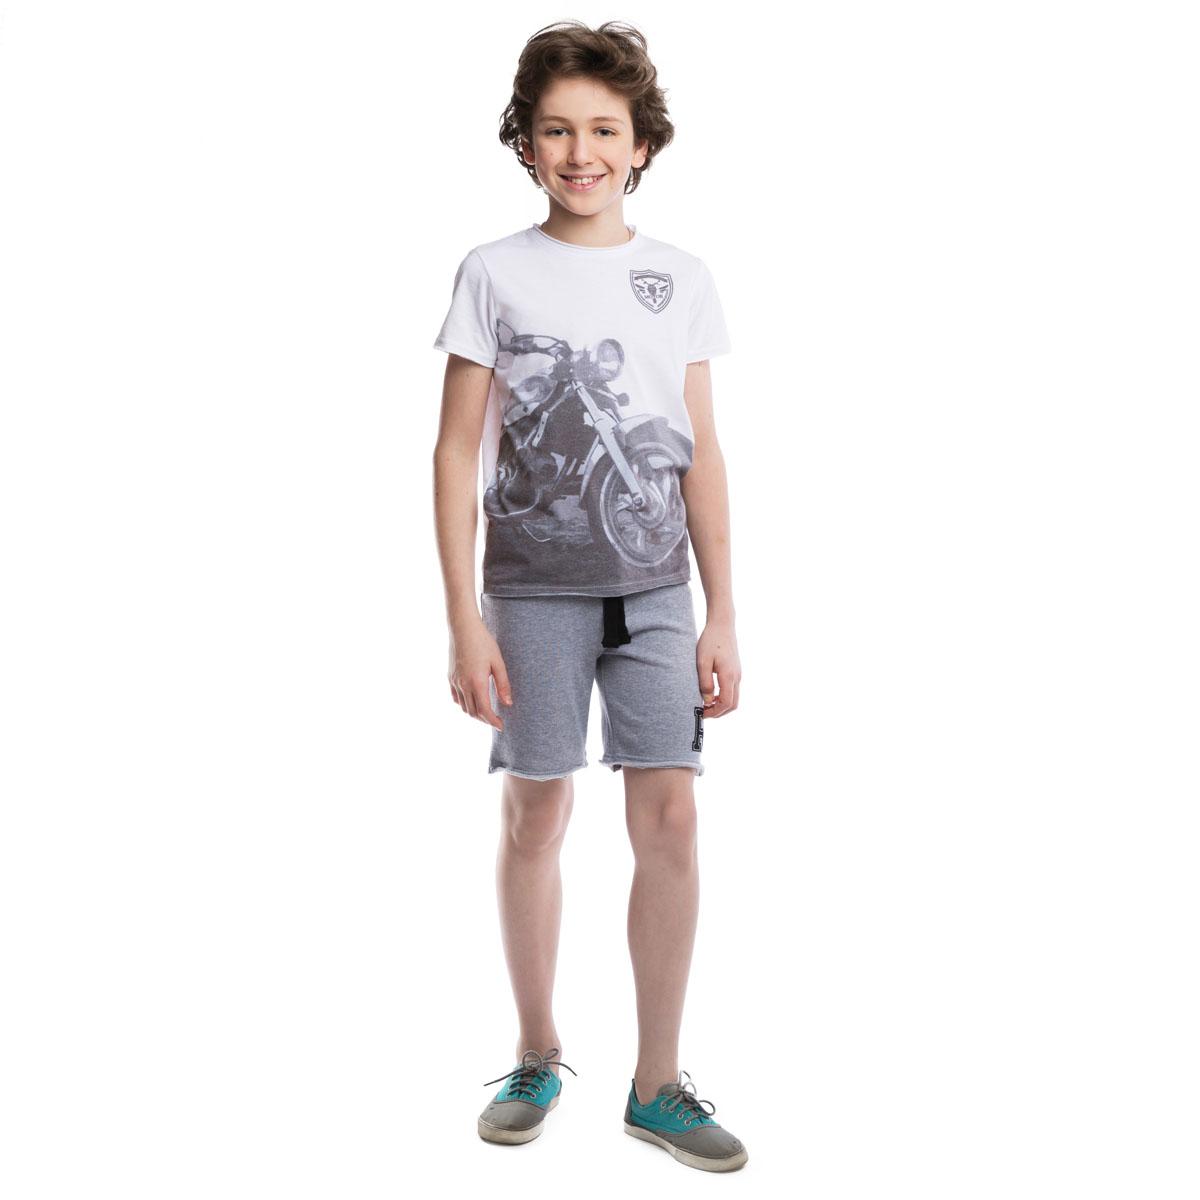 Комплект одежды263019Стильный хлопковый комплект для мальчика, состоящий из футболки и шорт, подойдет для отдыха и прогулок. Футболка с круглым вырезом горловины и короткими рукавами оформлена крупным водным фотопринтом с изображением мотоцикла. Пояс шорт на резинке дополнительно регулируется широким шнурком. Горловина футболки и низ брючин дополнены эластичной бейкой с необработанными краями, создающей эффект многослойности.